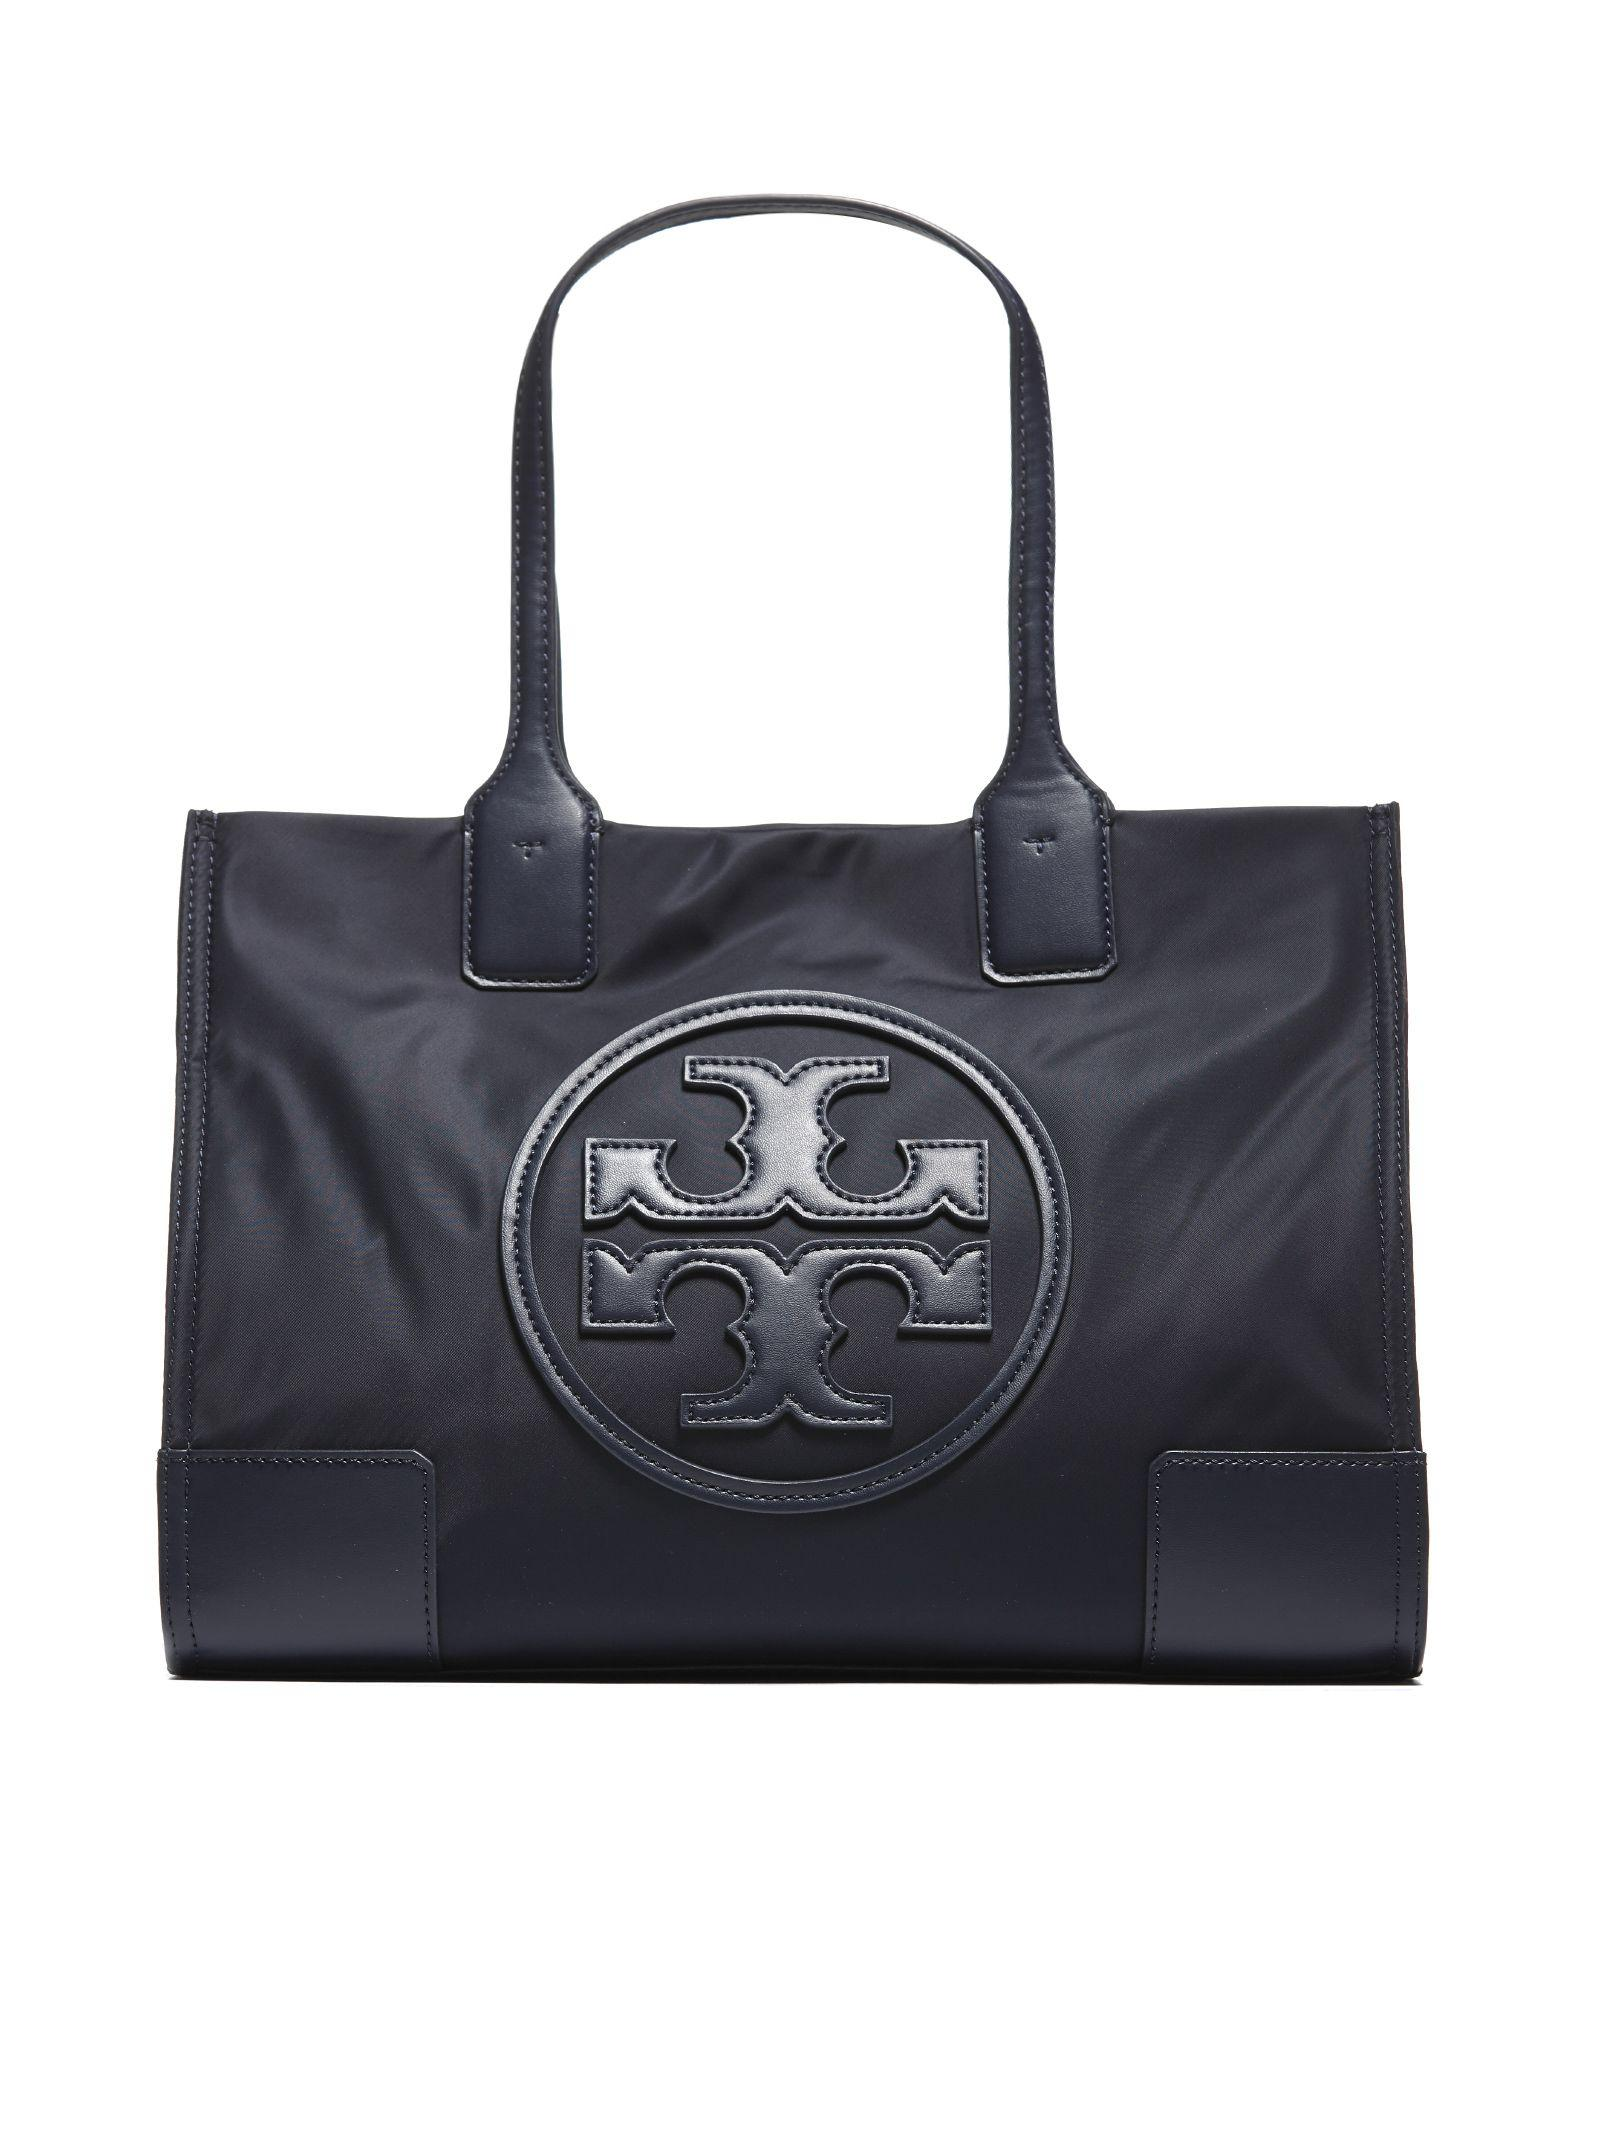 2abfcbe7c93 Tory Burch Ella Nylon   Leather Mini Tote In Black